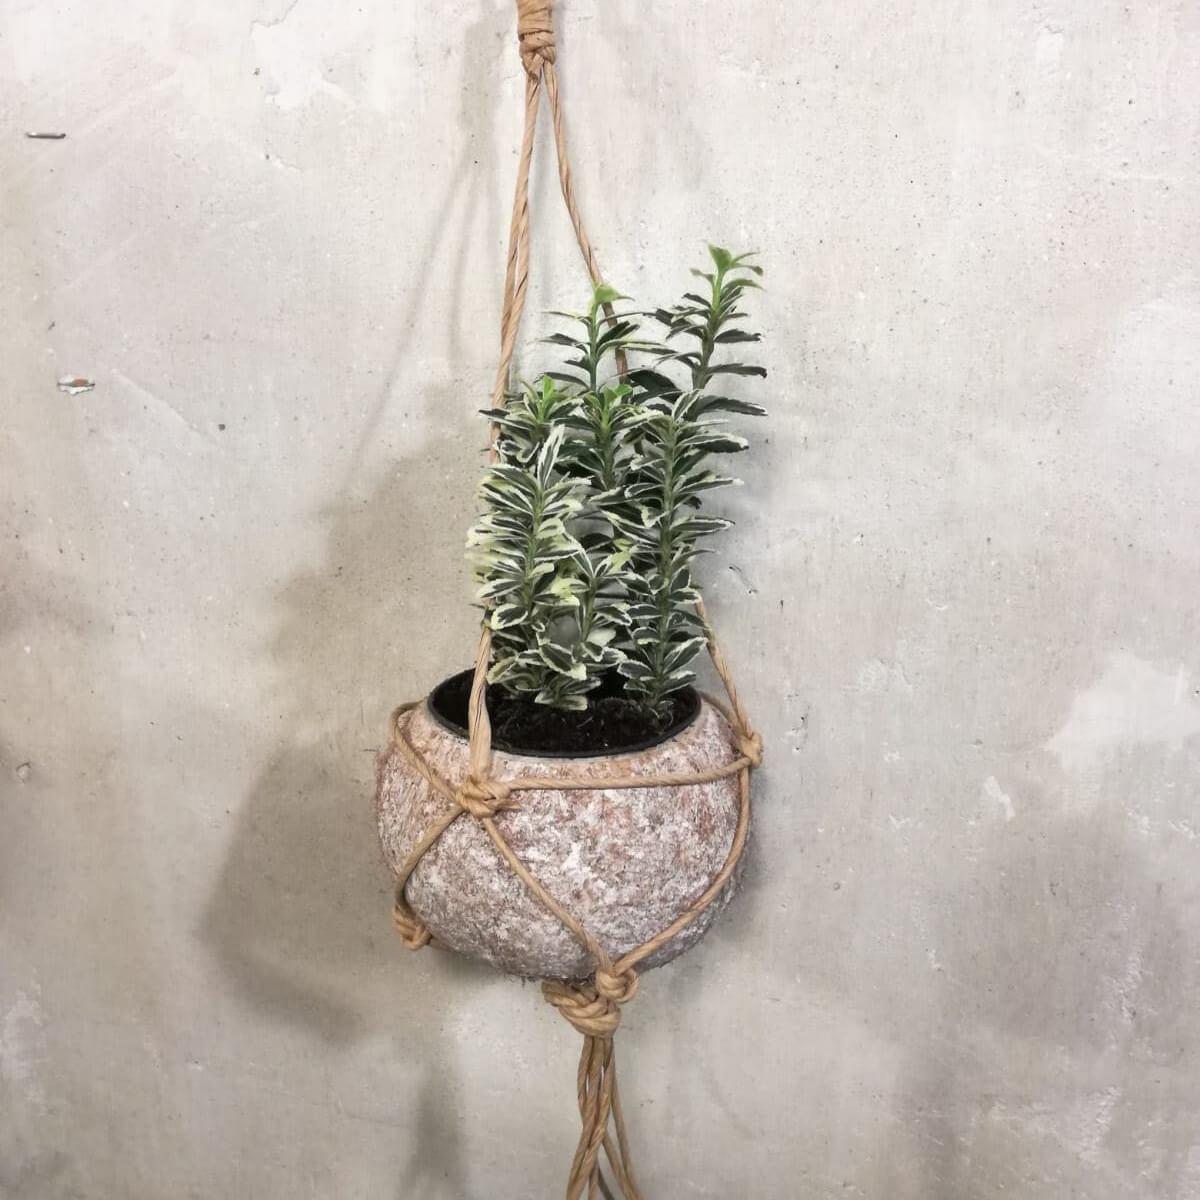 Maceta de coco con planta variada